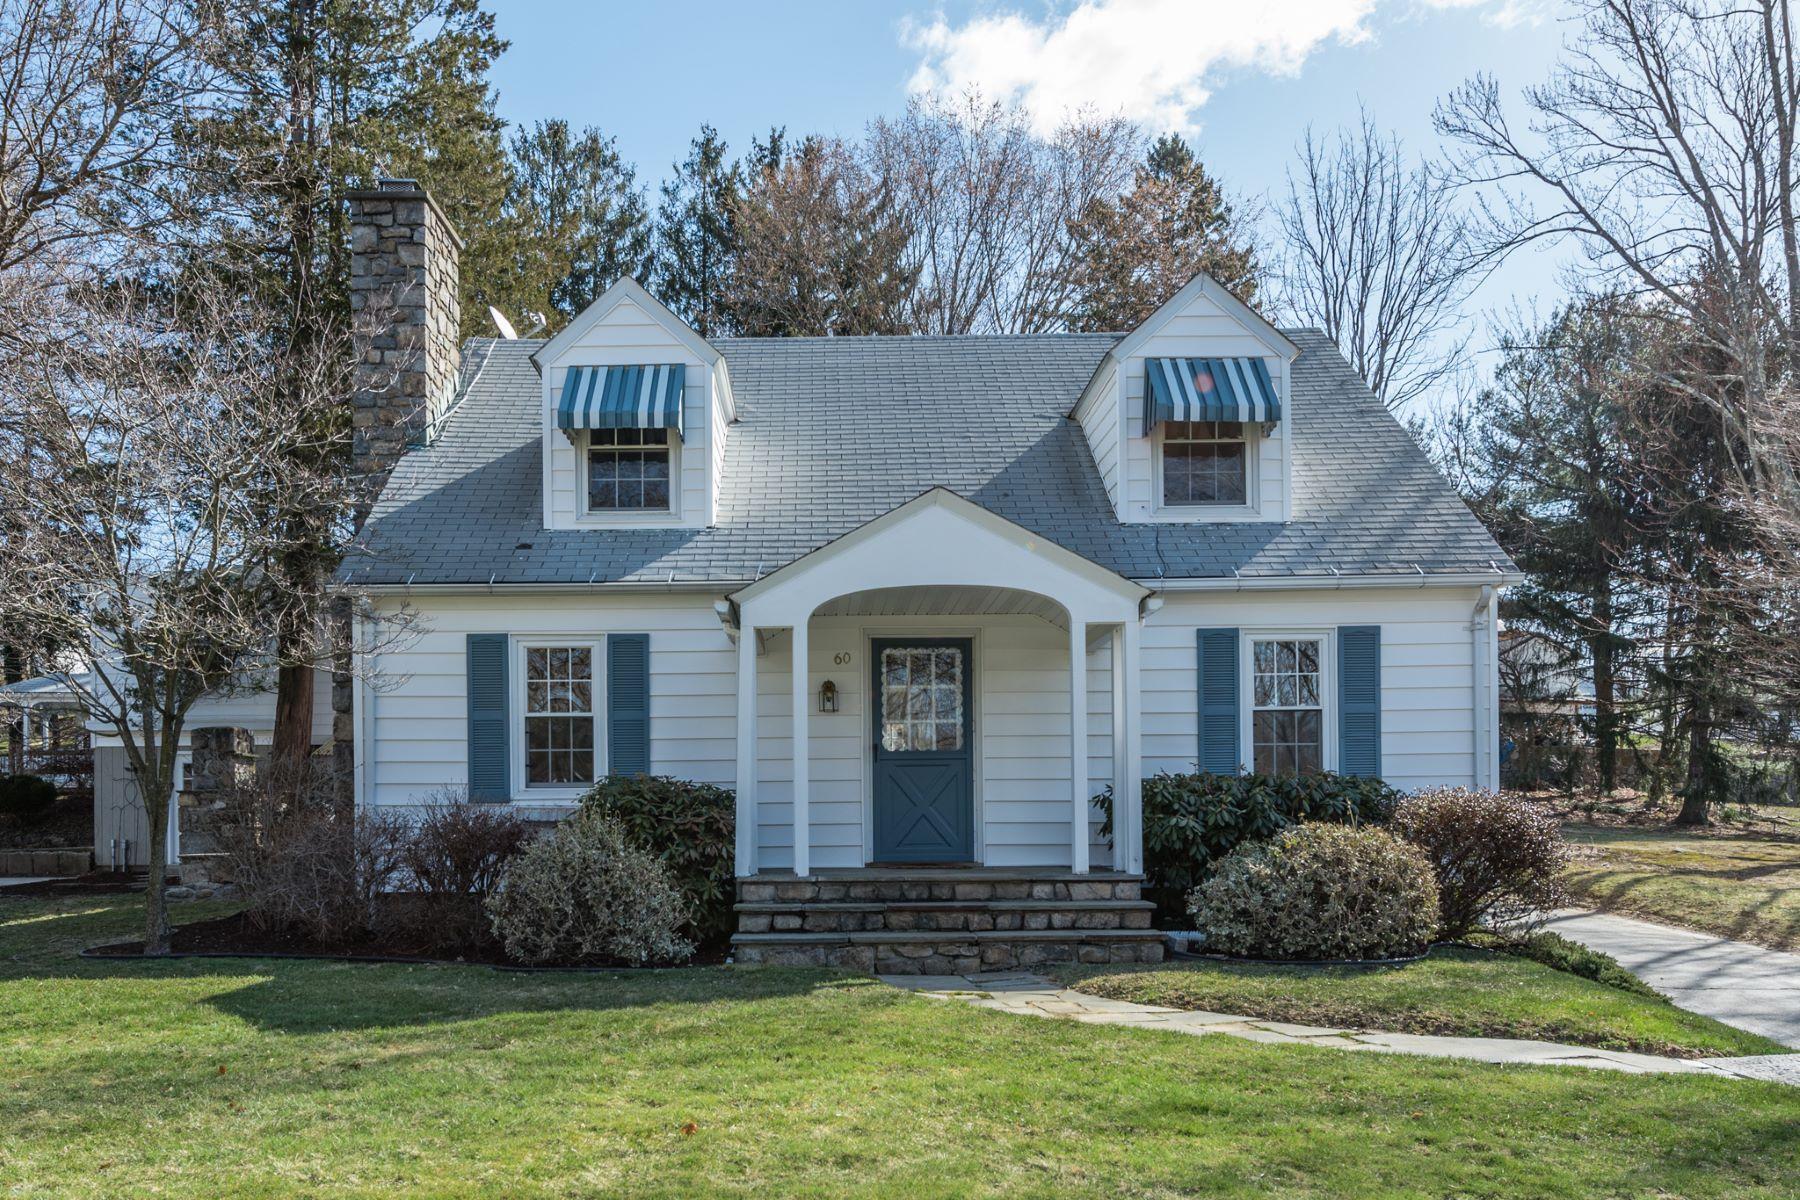 多户住宅 为 销售 在 Stunning Cape- Two Family 62 Holley Street Extension 丹伯里, 康涅狄格州 06810 美国